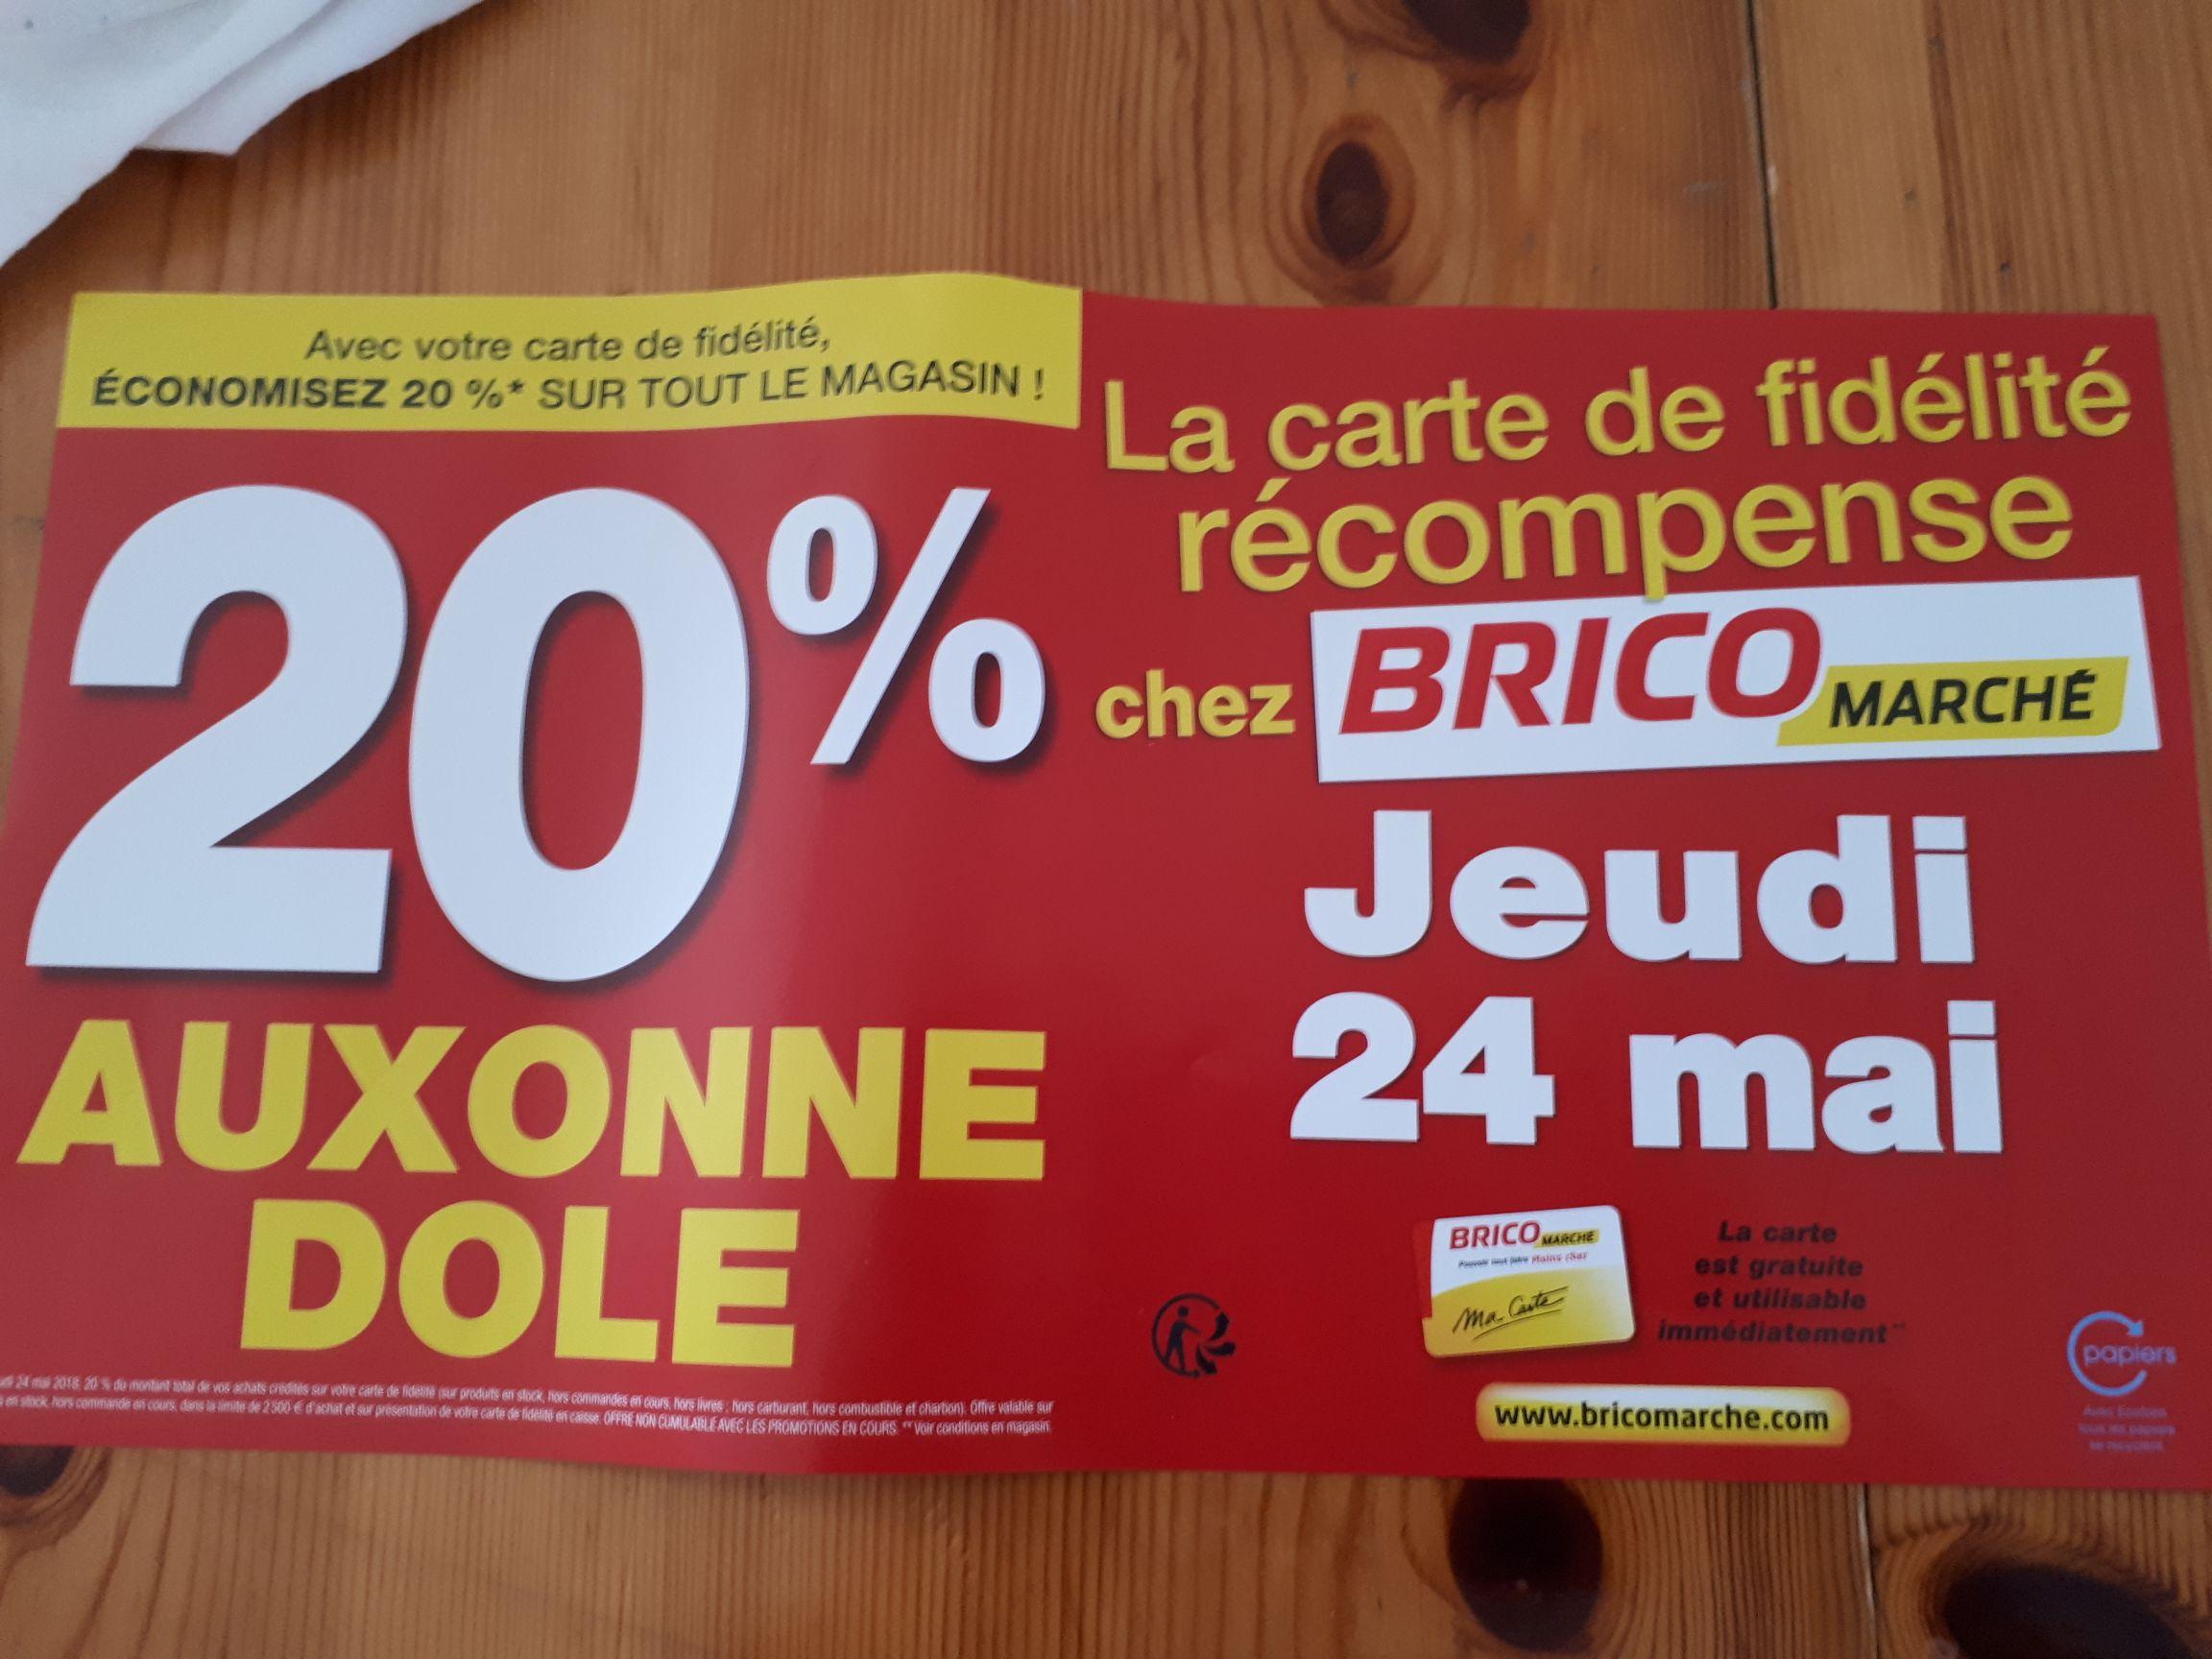 20% crédités sur la carte de fidélité sur tout le magasin - Auxonne / Dole (21 / 39)